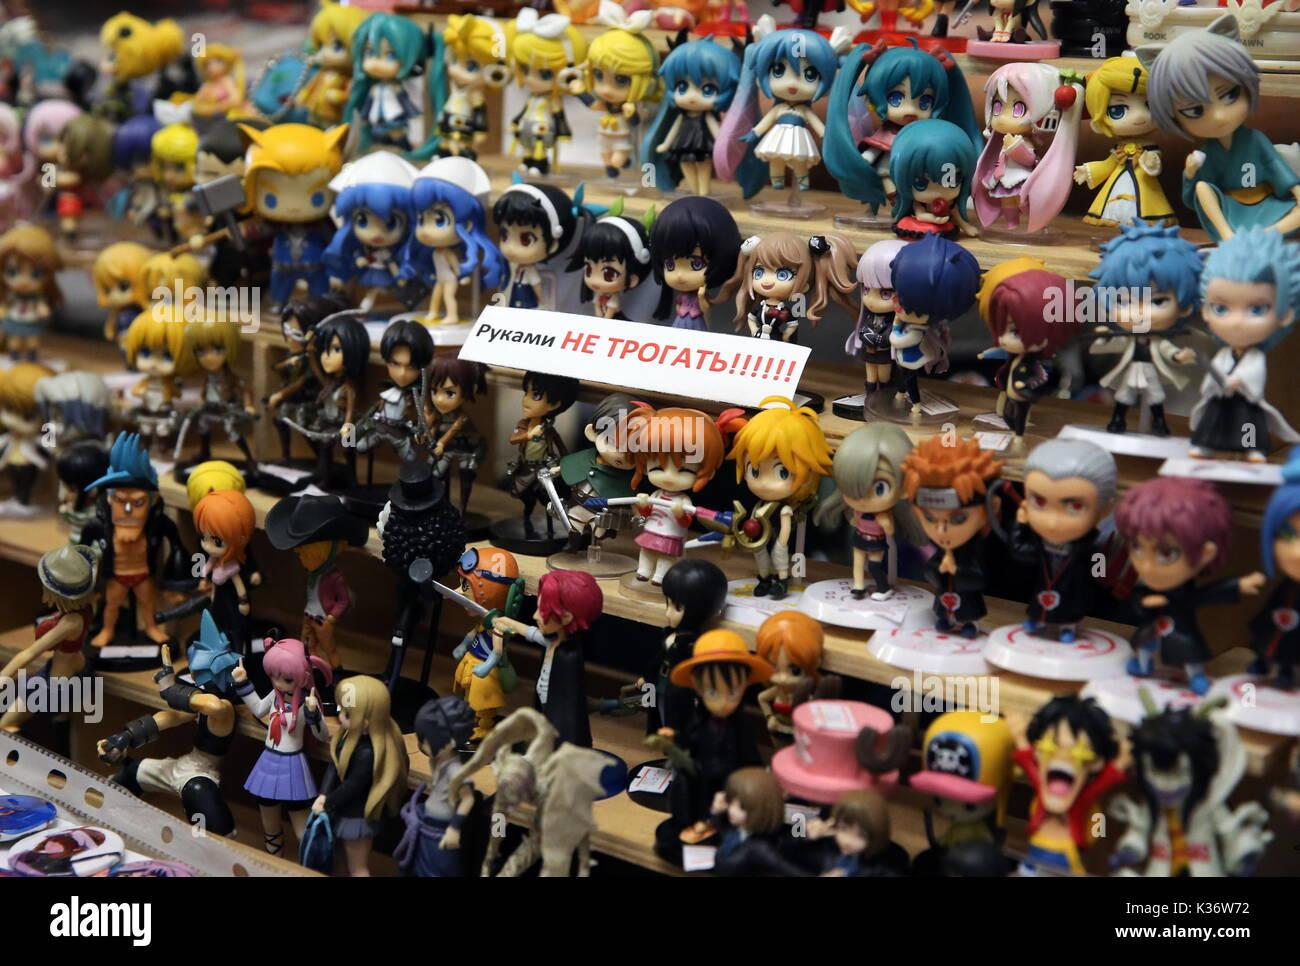 Toys N Joys Hawaii : Anime toys stock photos images alamy